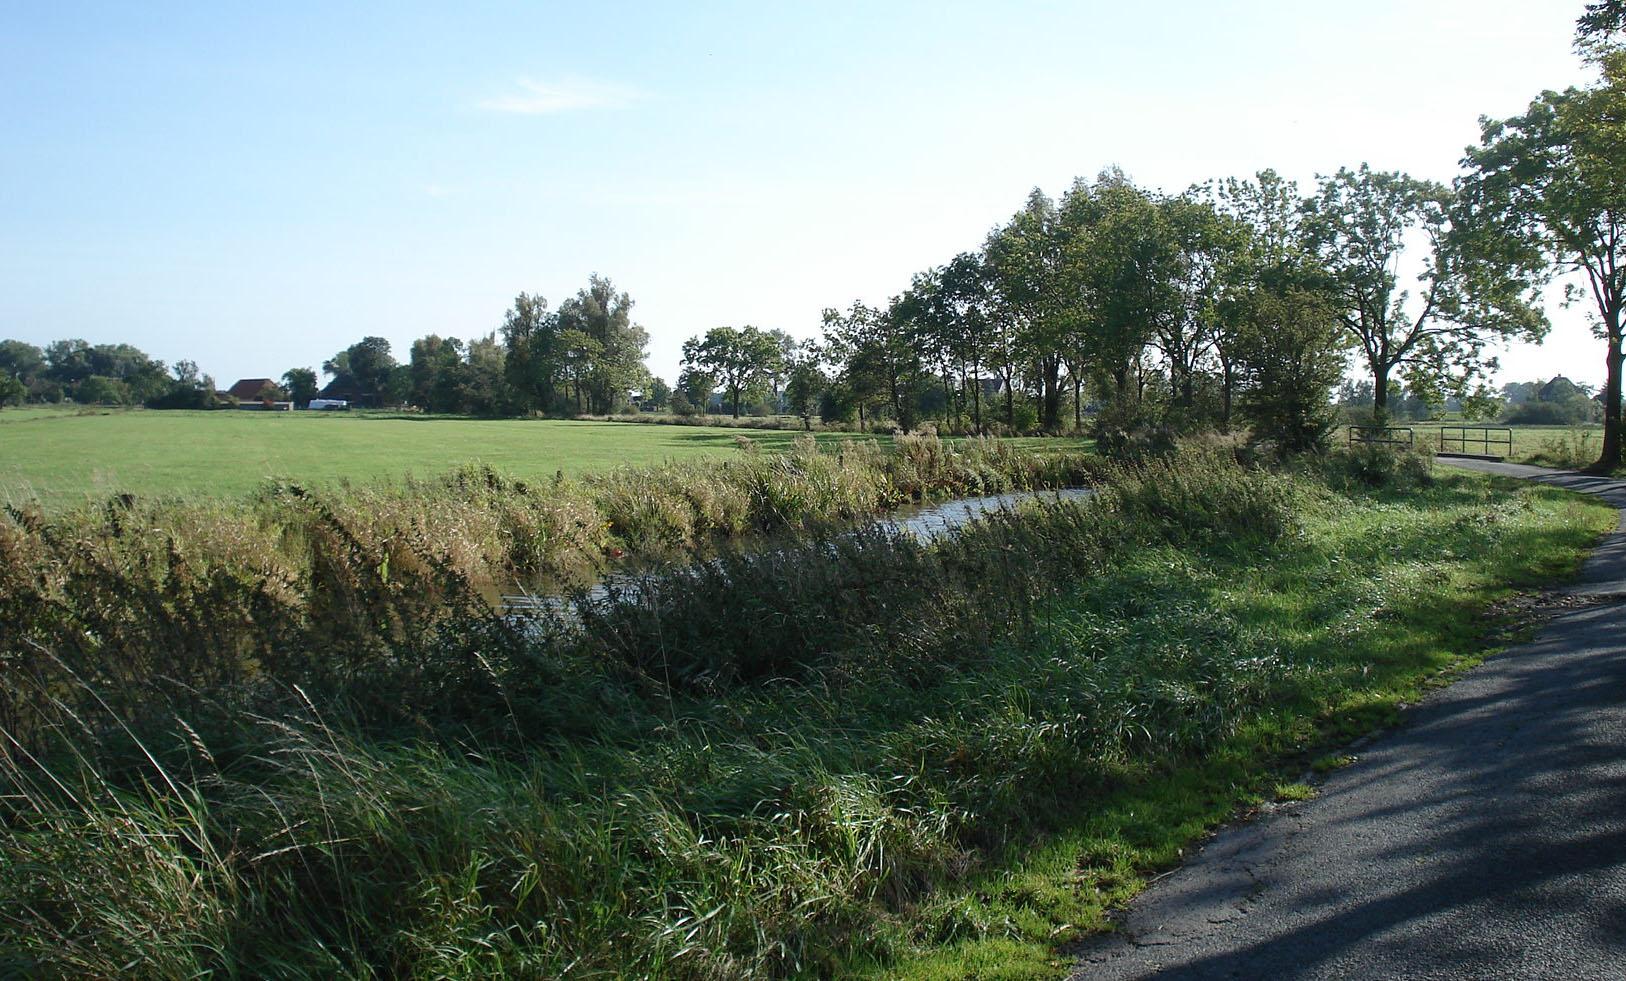 Felder und ein Weg in Niedervieland.